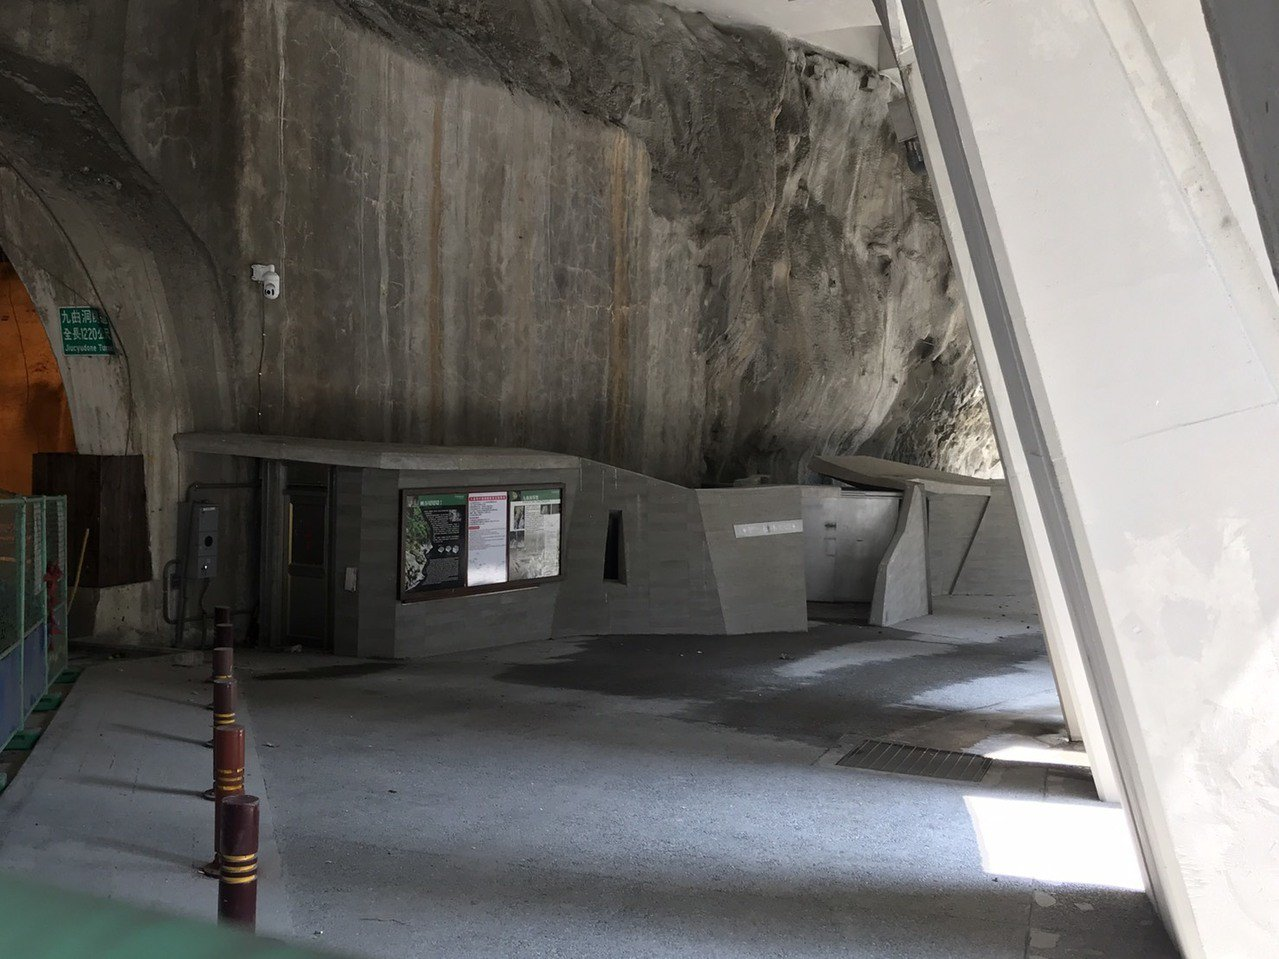 花蓮太魯閣九曲洞步道入口有解說牌、公廁等設施。記者王燕華/攝影